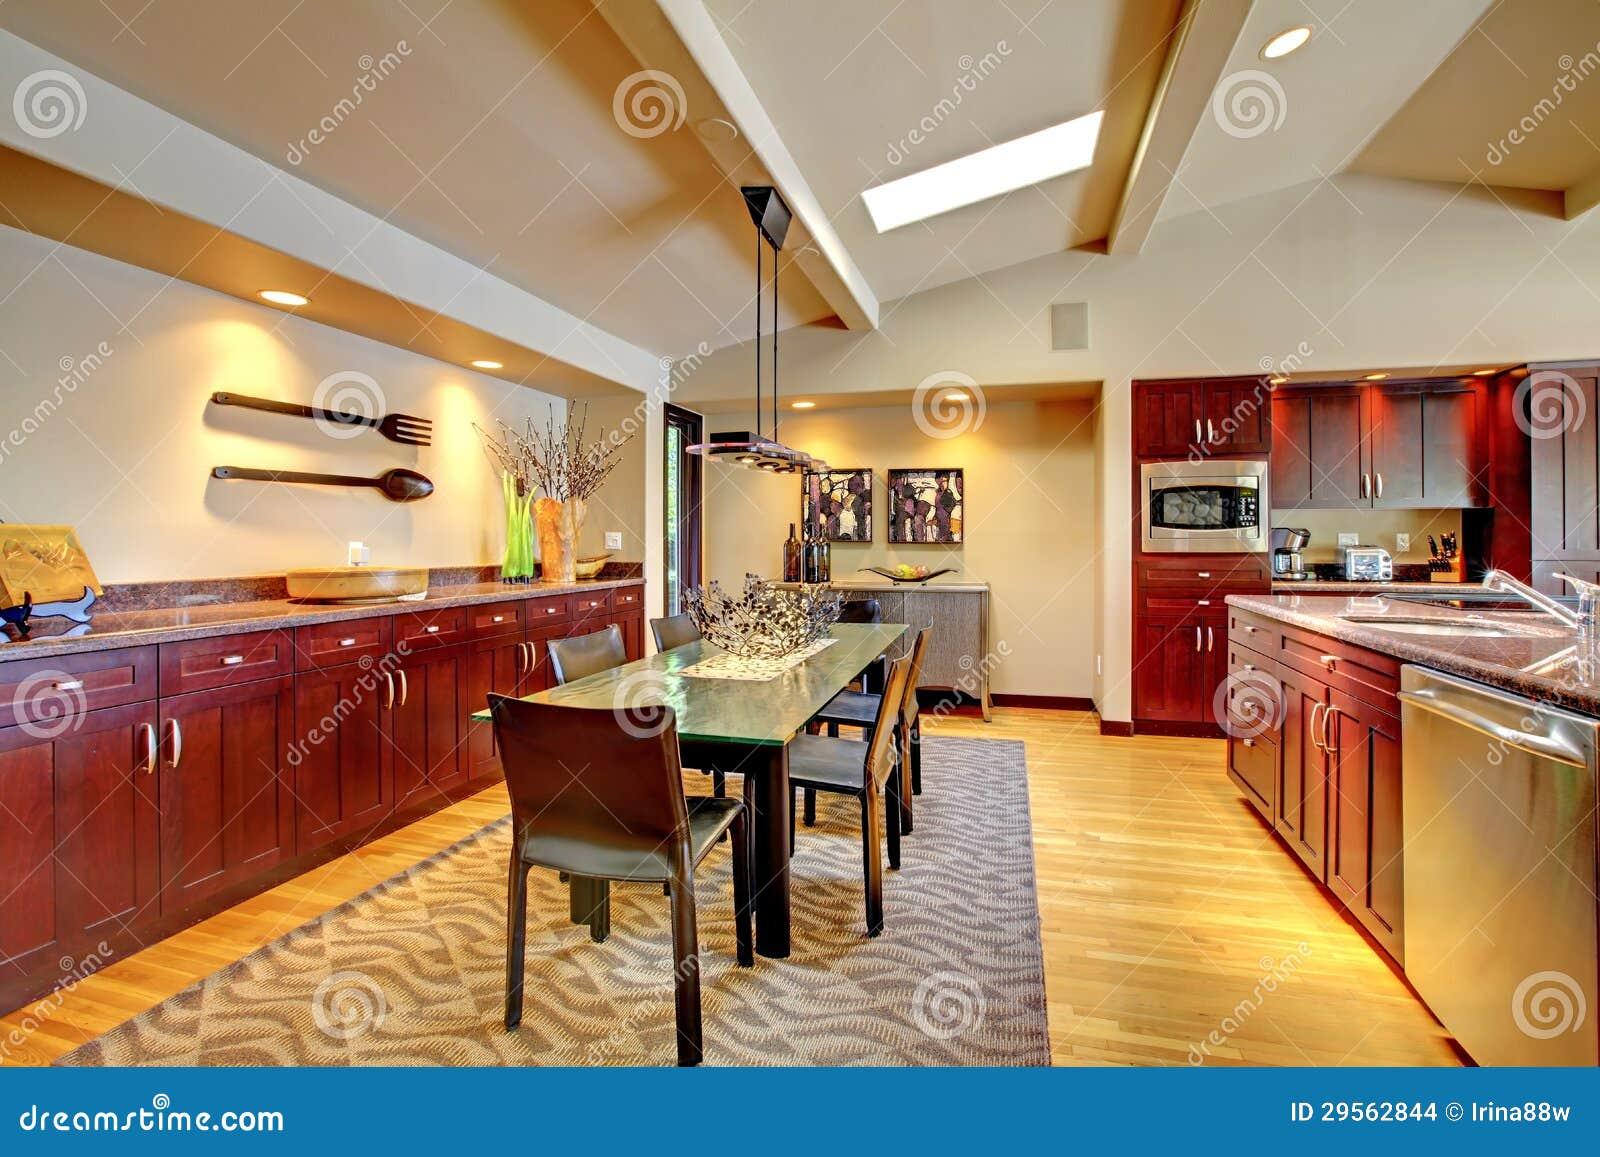 Salle manger moderne de luxe avec la cuisine d 39 acajou for Salle a manger de luxe